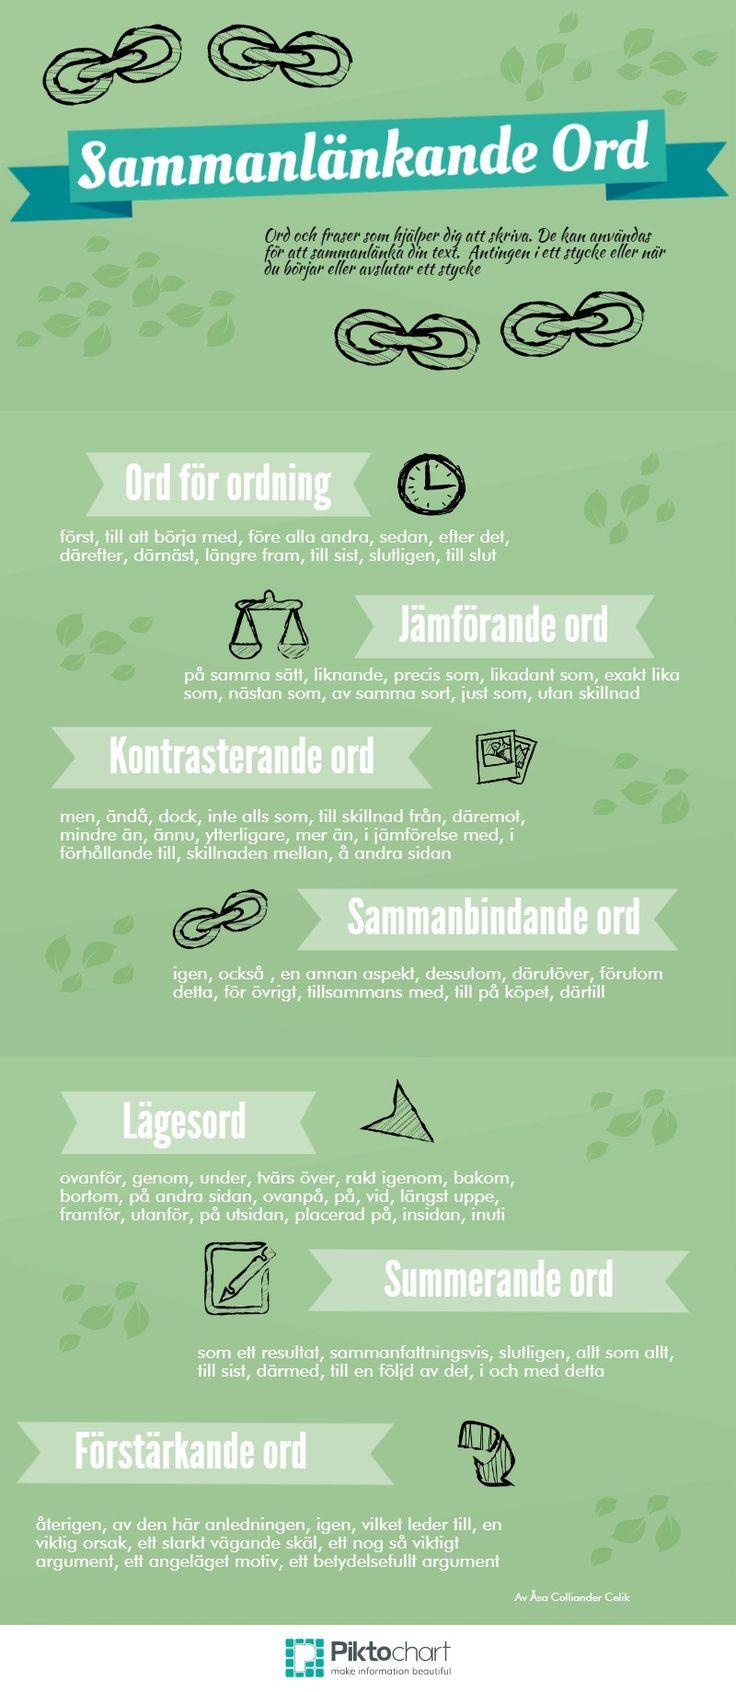 Överbyggande ord | Piktochart Infographic Editor